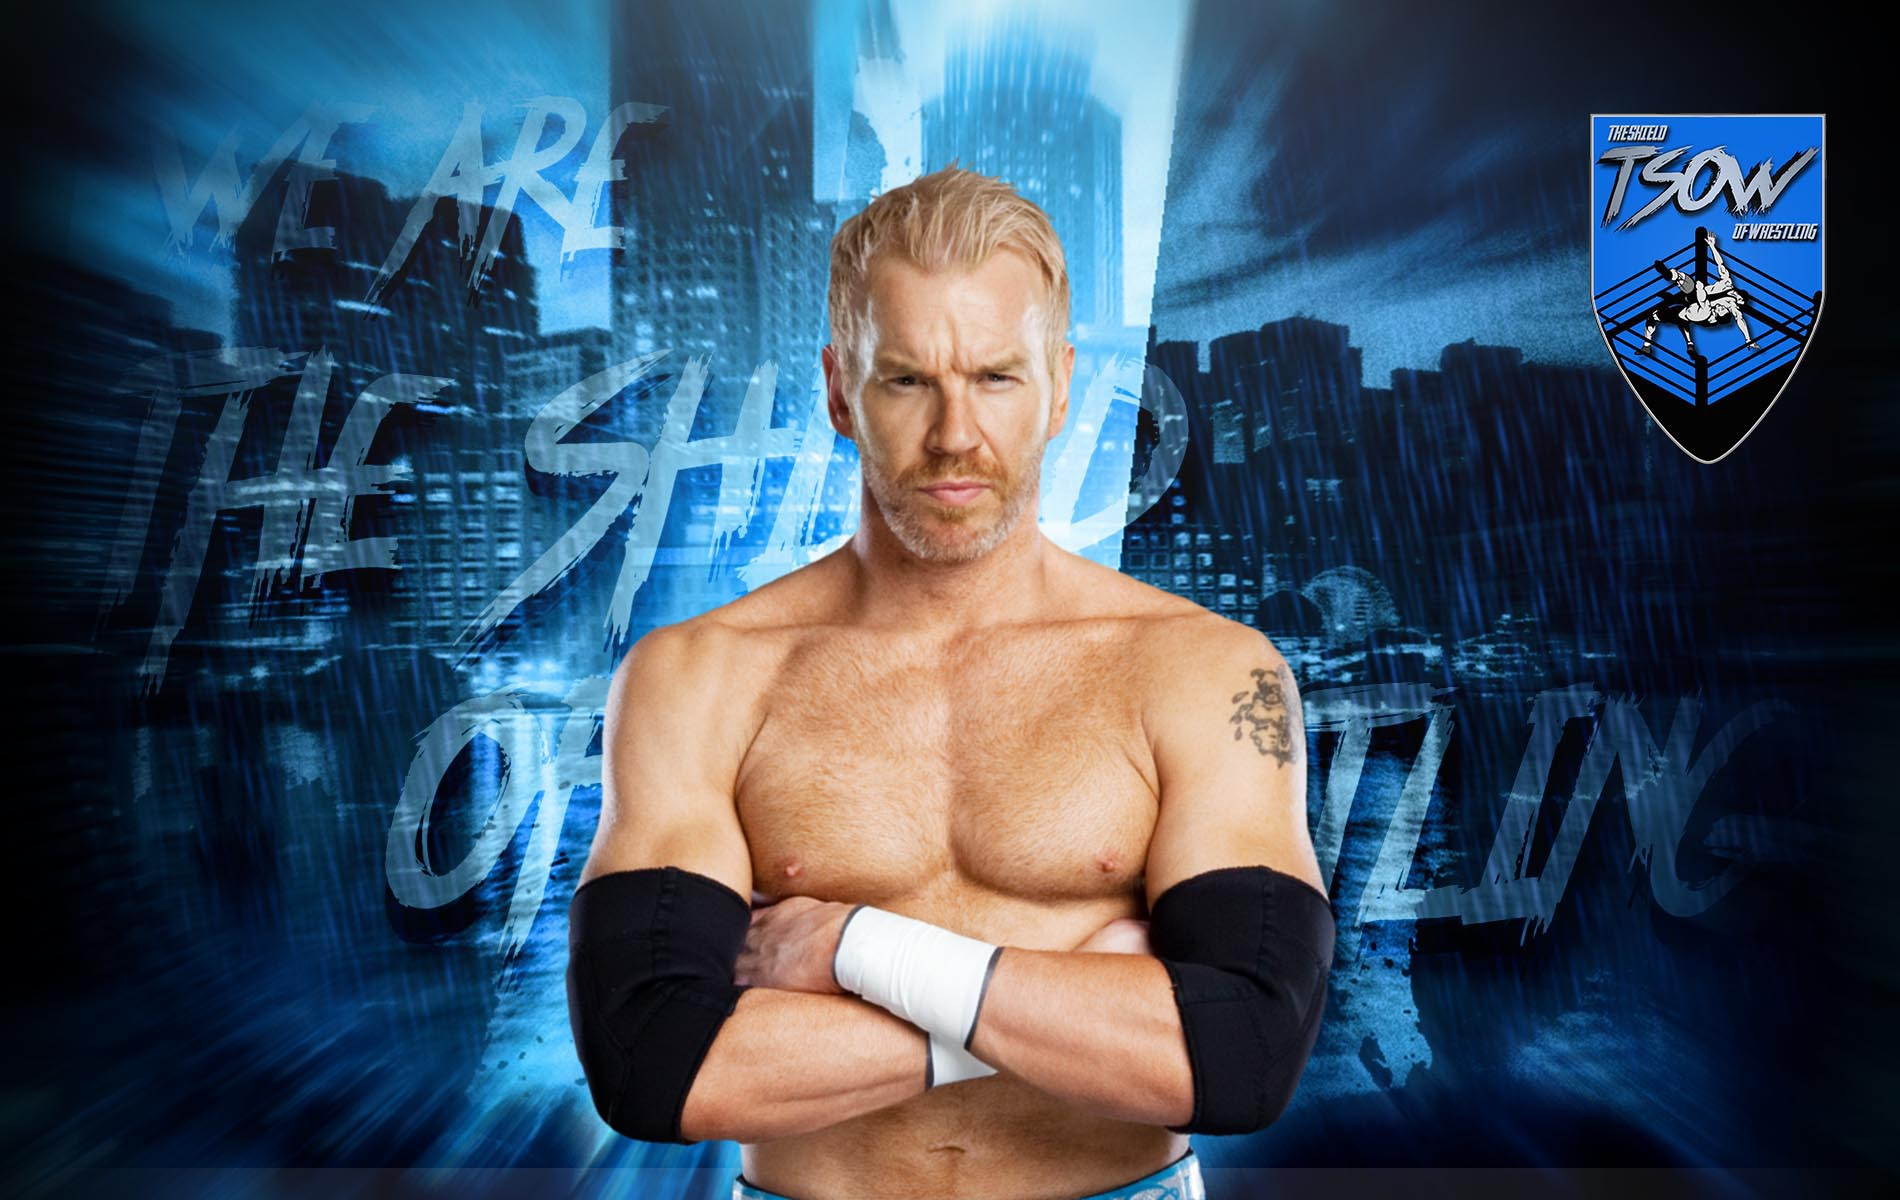 Christian Cage ha lottato a AEW Dynamite: com'è andata?